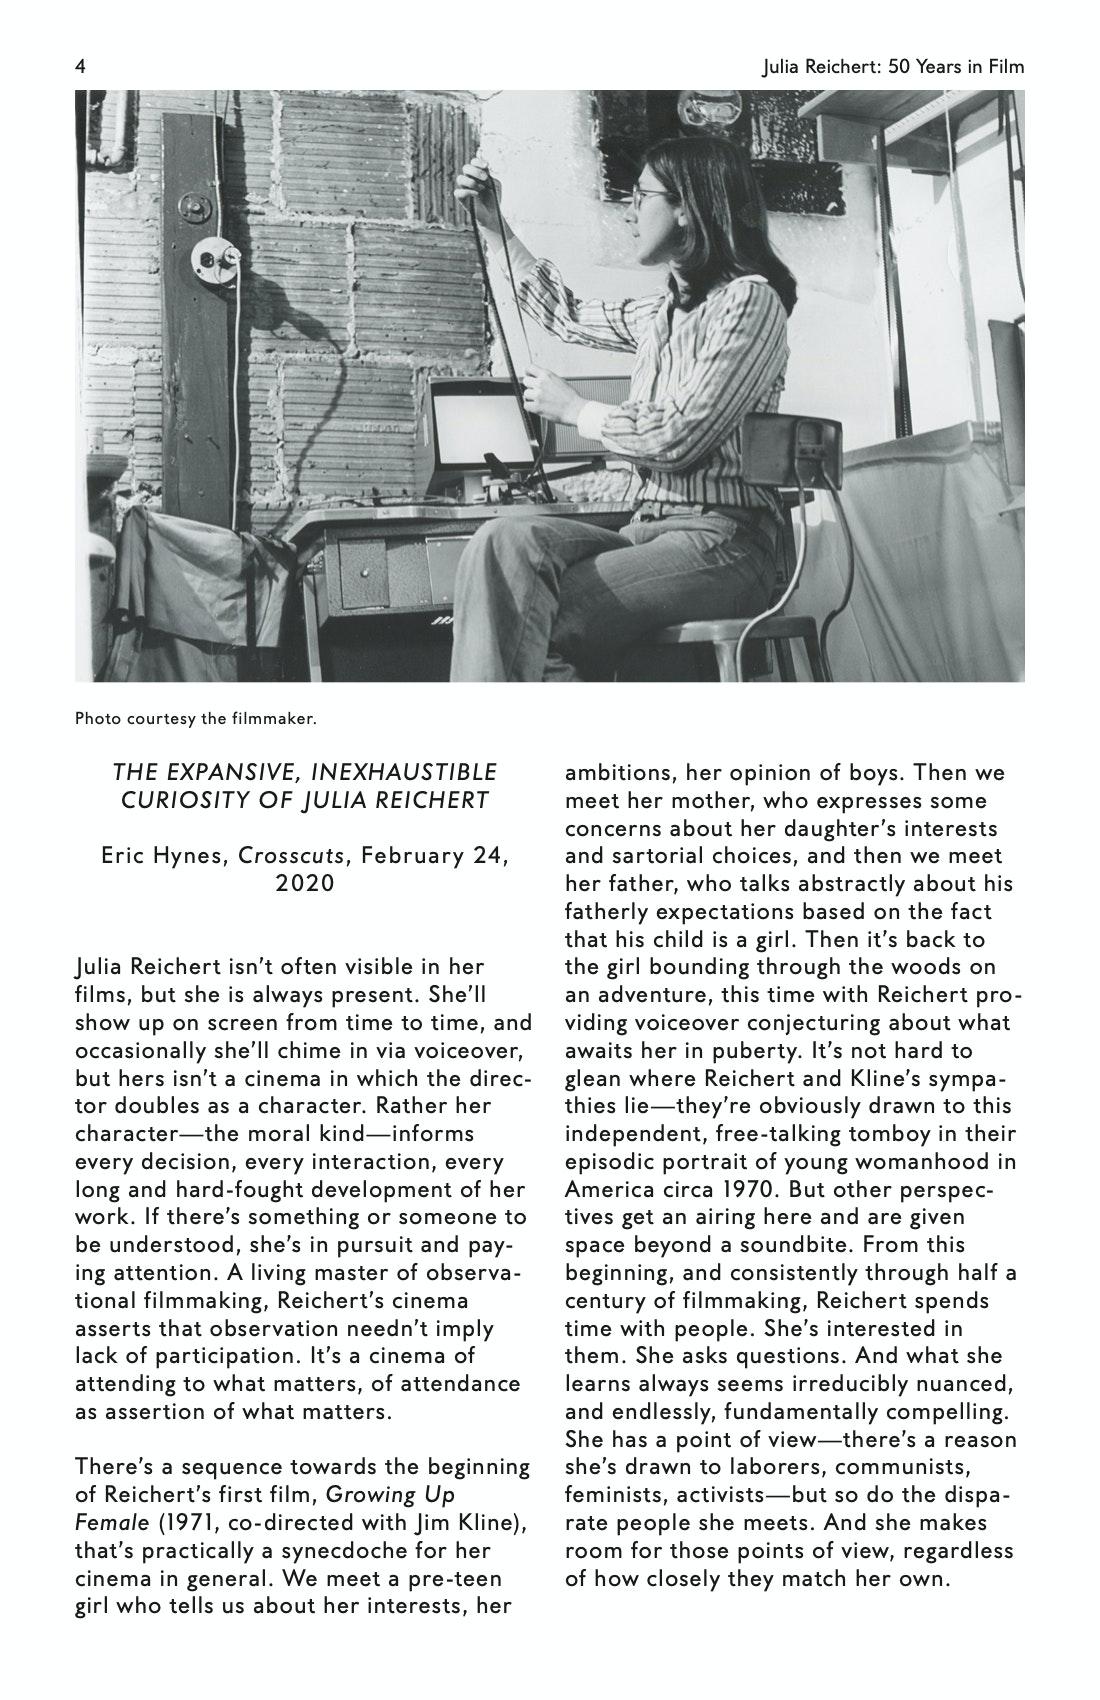 Julia Reichert Dialogue event brochure page 4